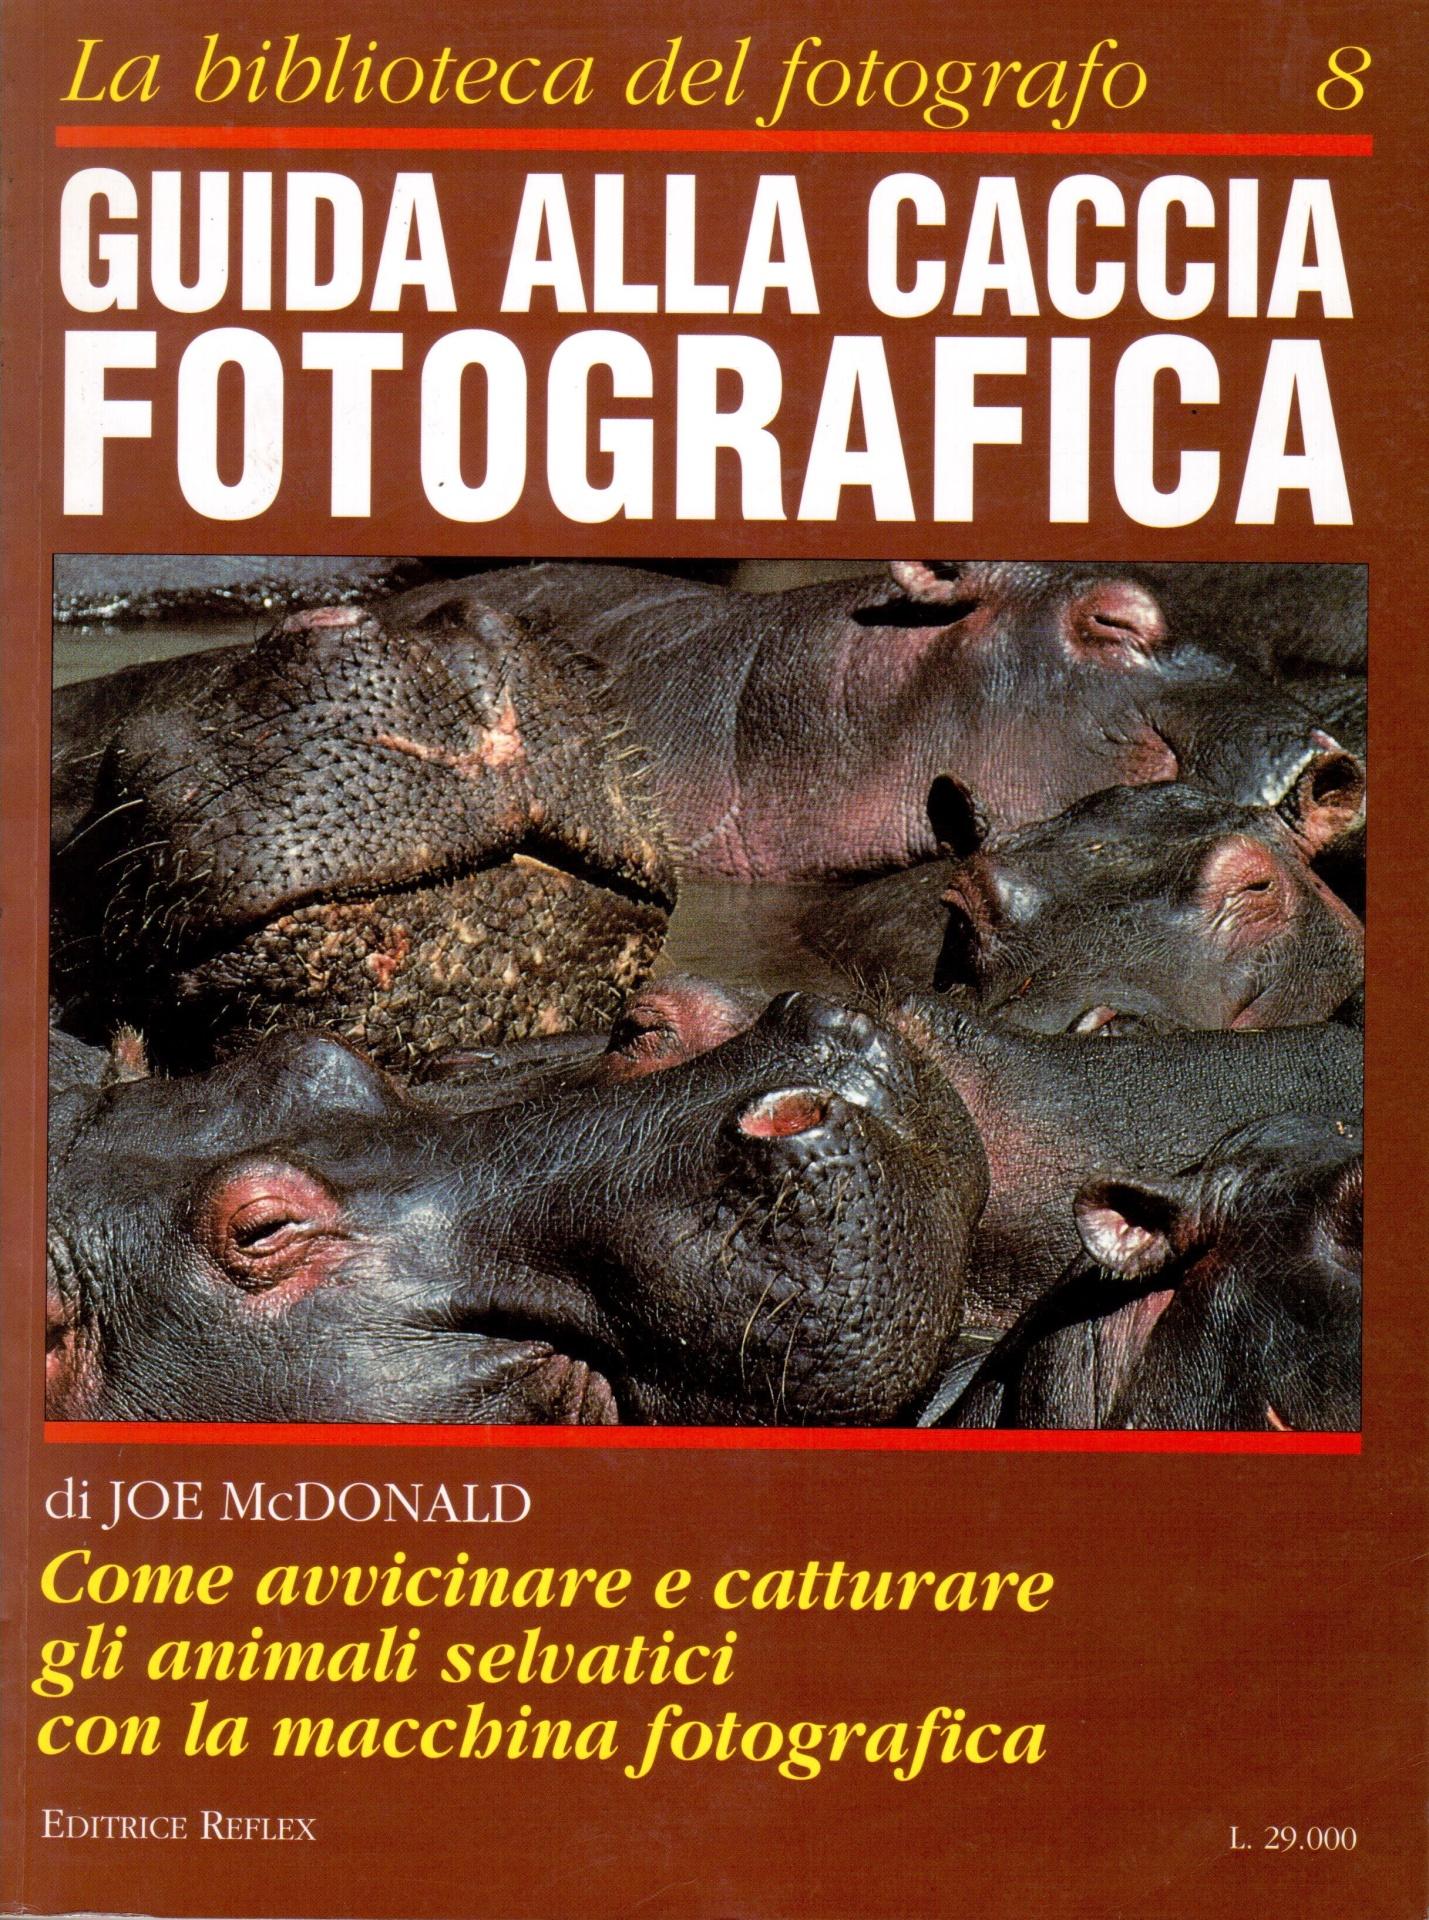 libro guida alla caccia fotografica